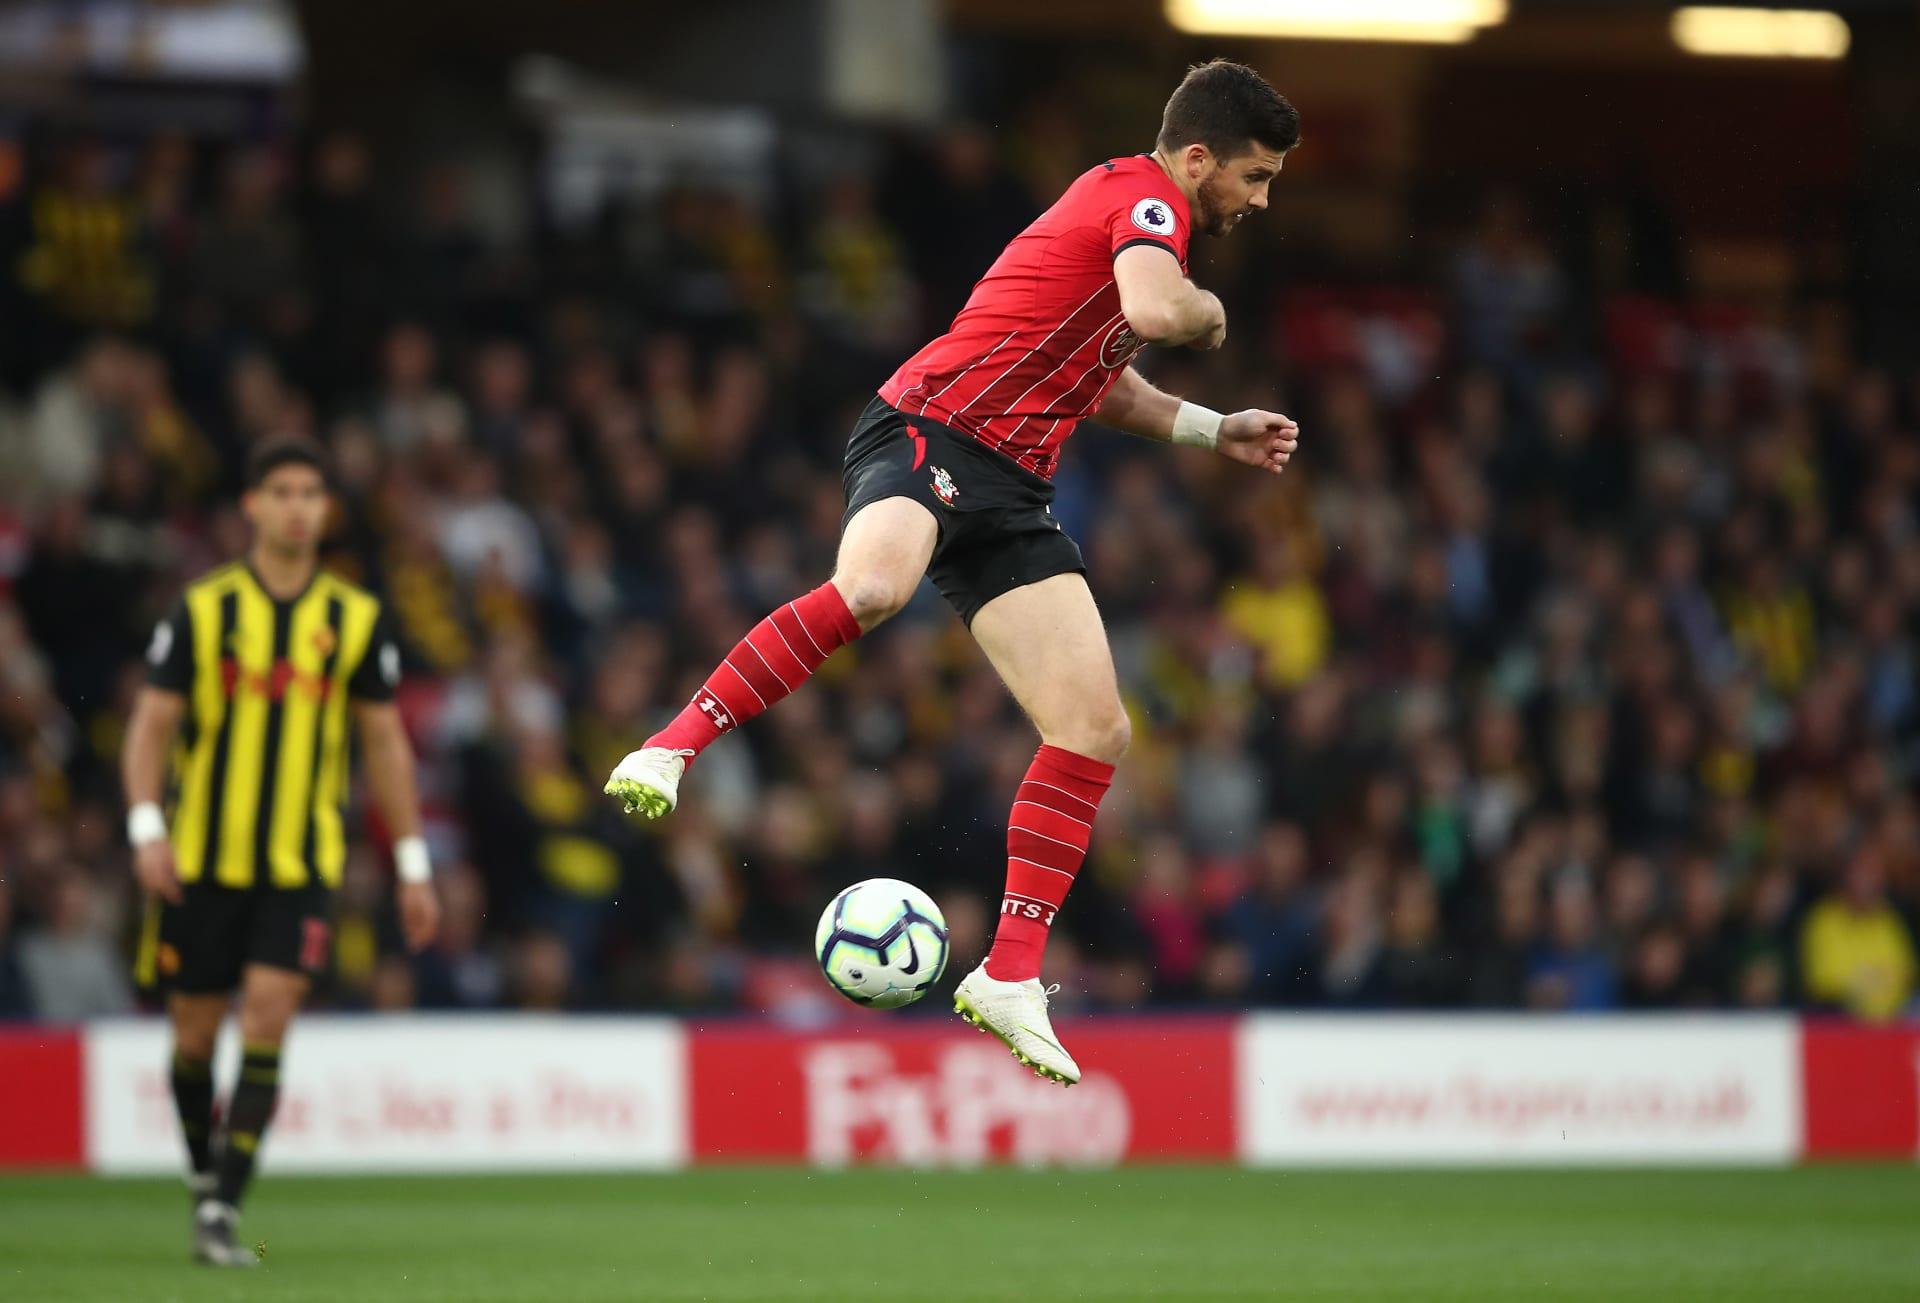 شاهد أسرع هدف في تاريخ الدوري الإنجليزي الممتاز بريميرليغ